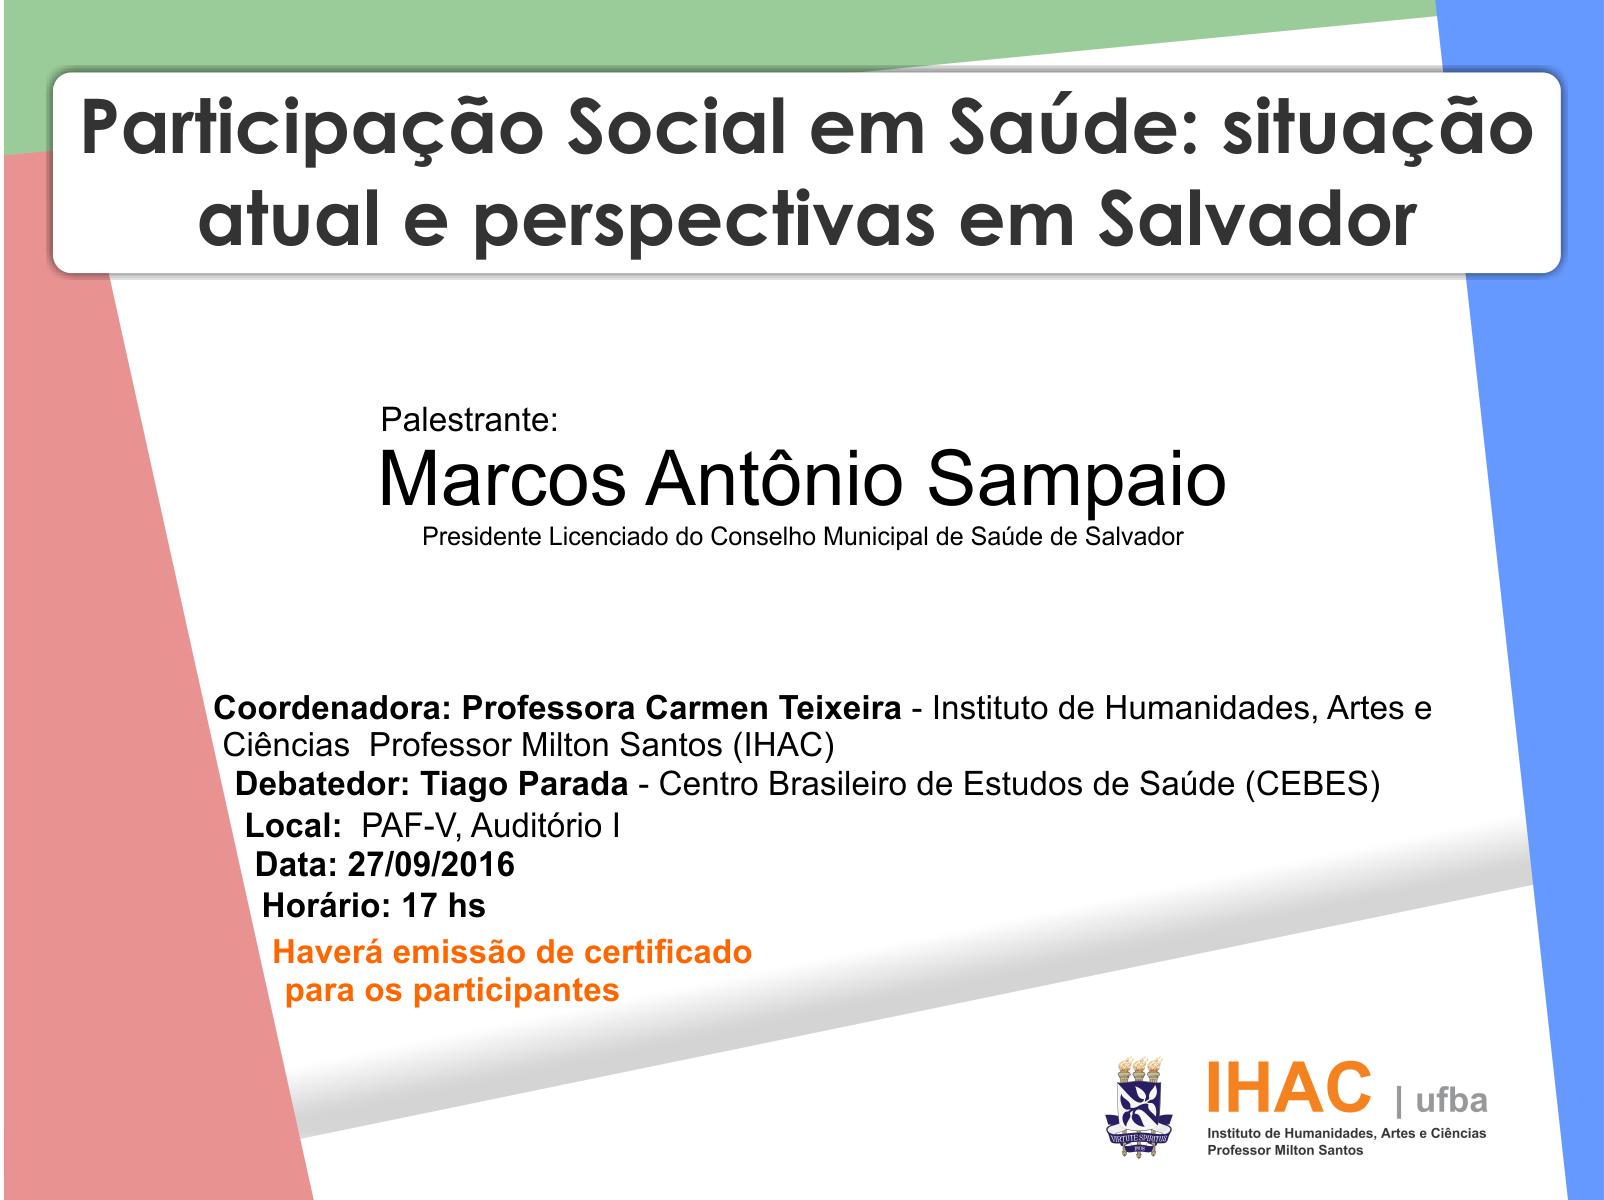 IHAC promove palestra sobre Participação Social em Saúde